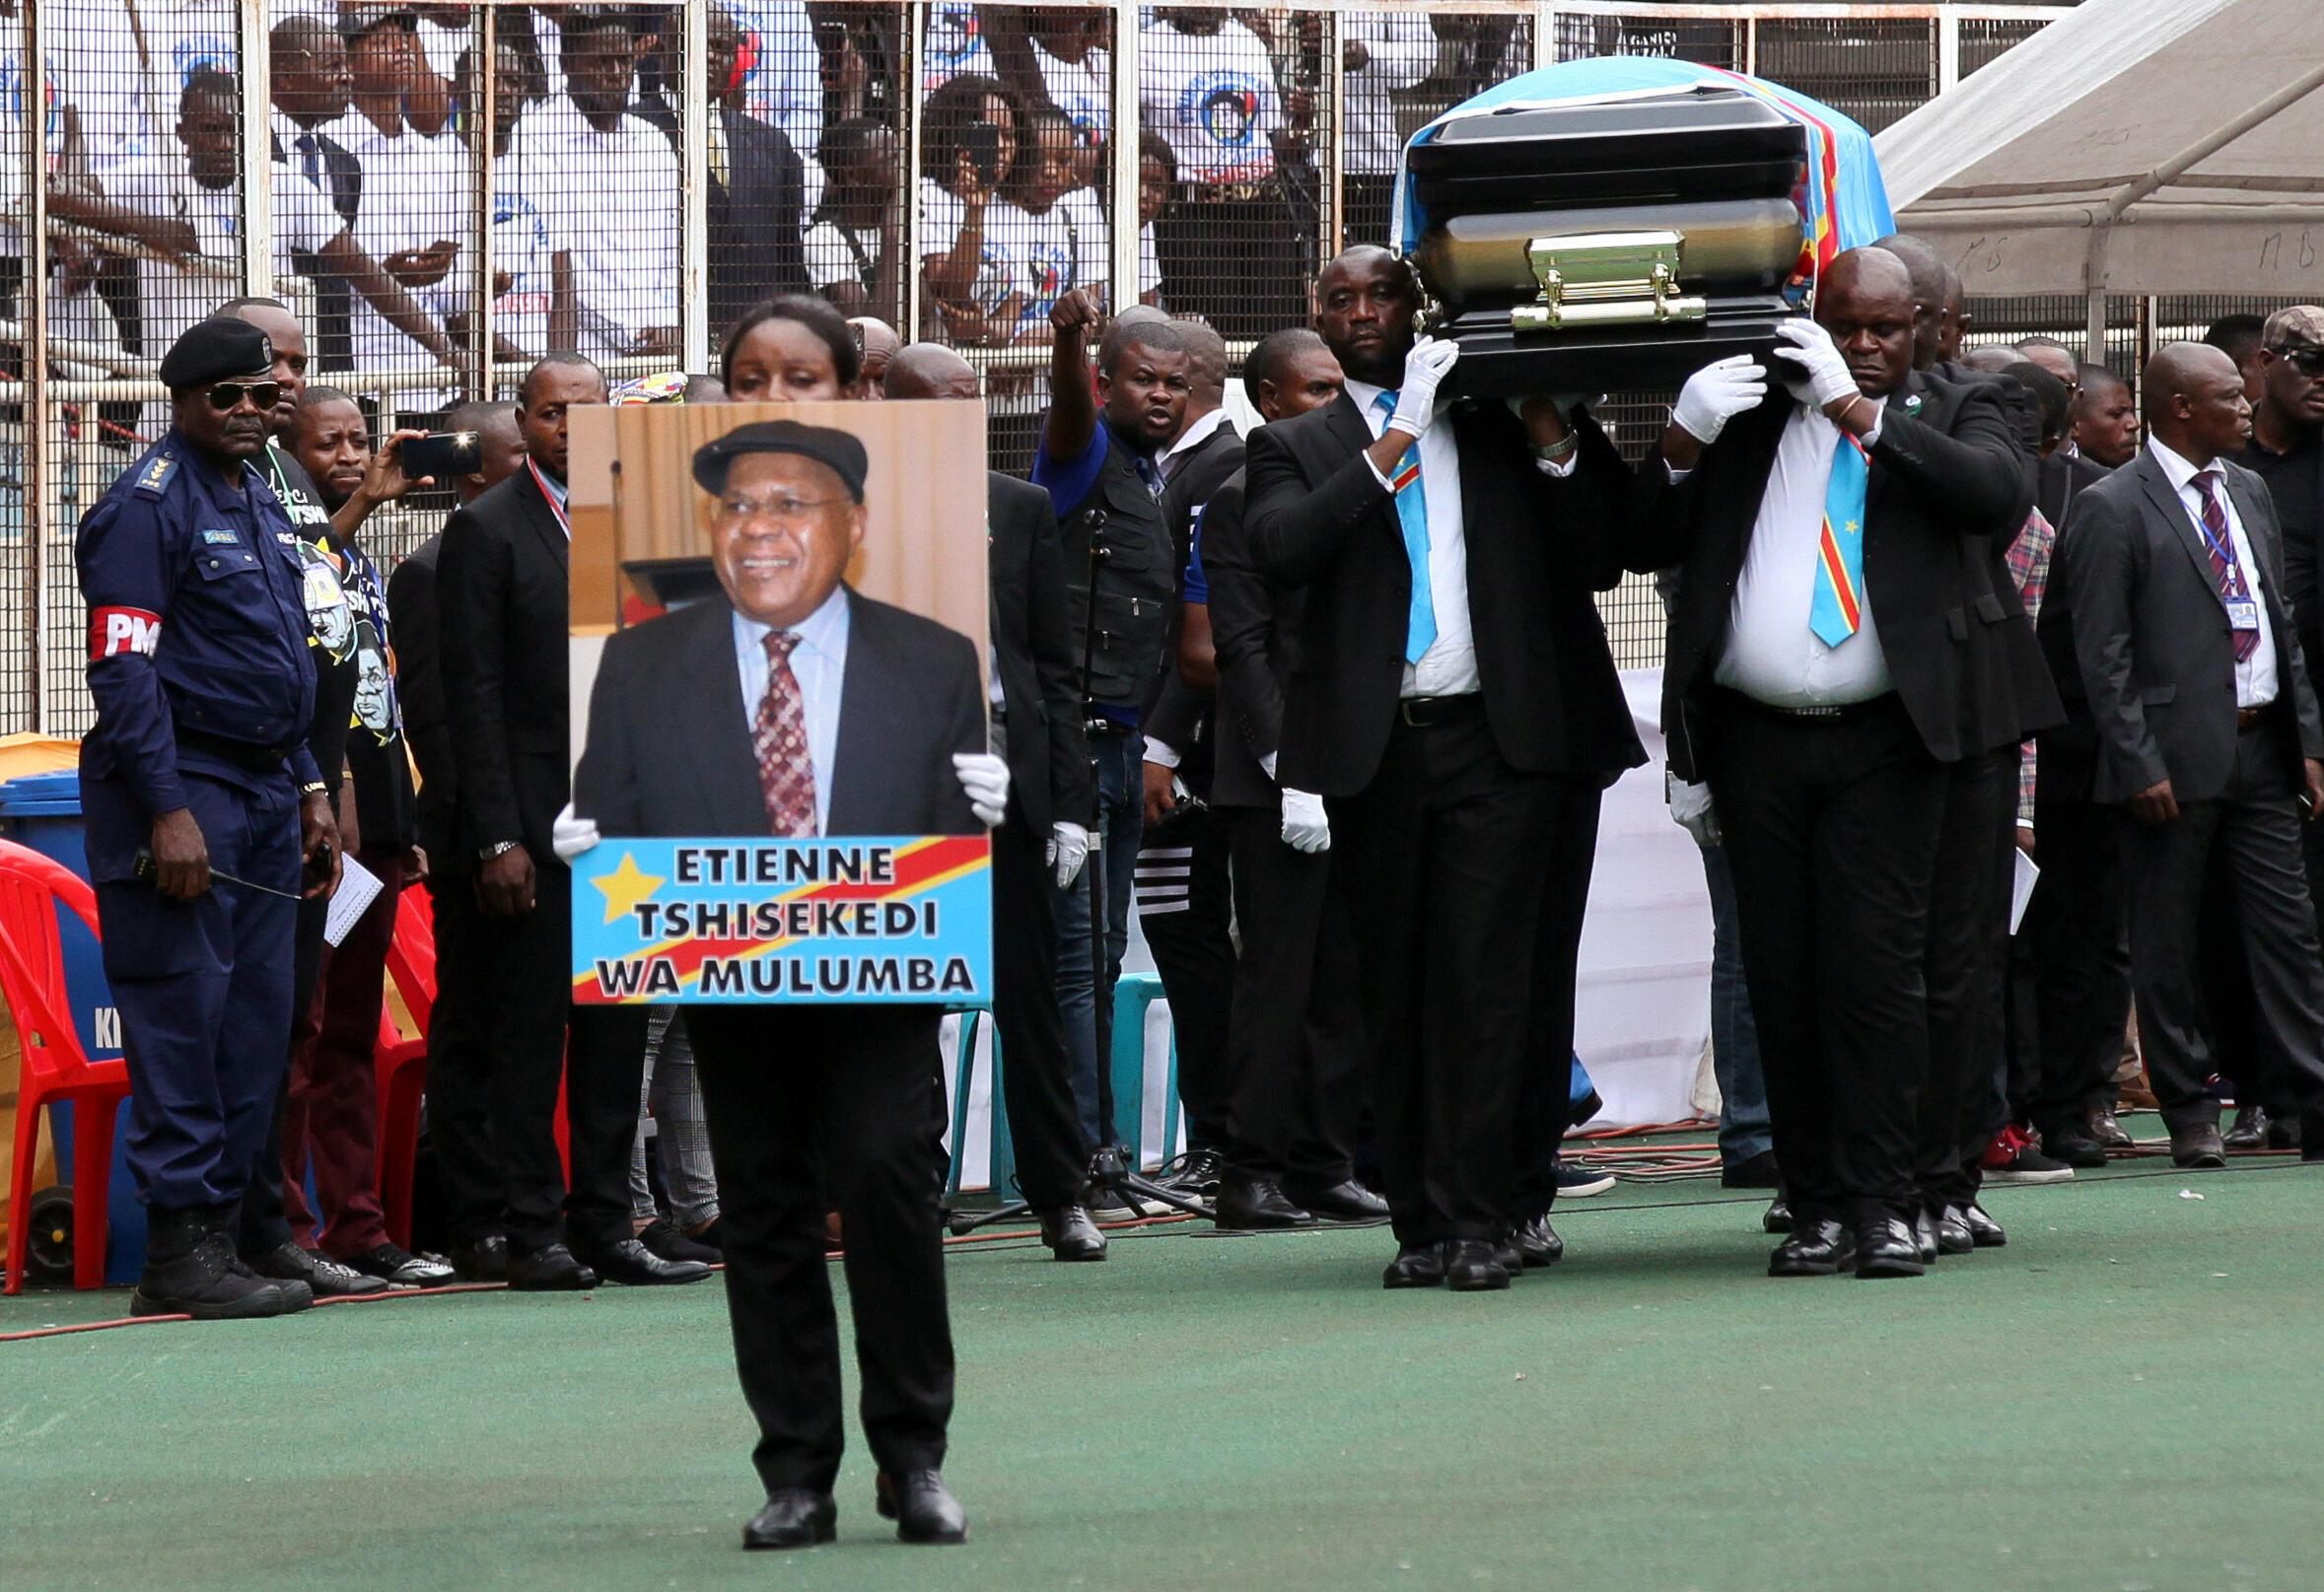 Jeneza la maiti ya Étienne Tshisekedi lilipowasili katika uwanja wa des Martyrs jijini Kinshasa mei 31 2019.